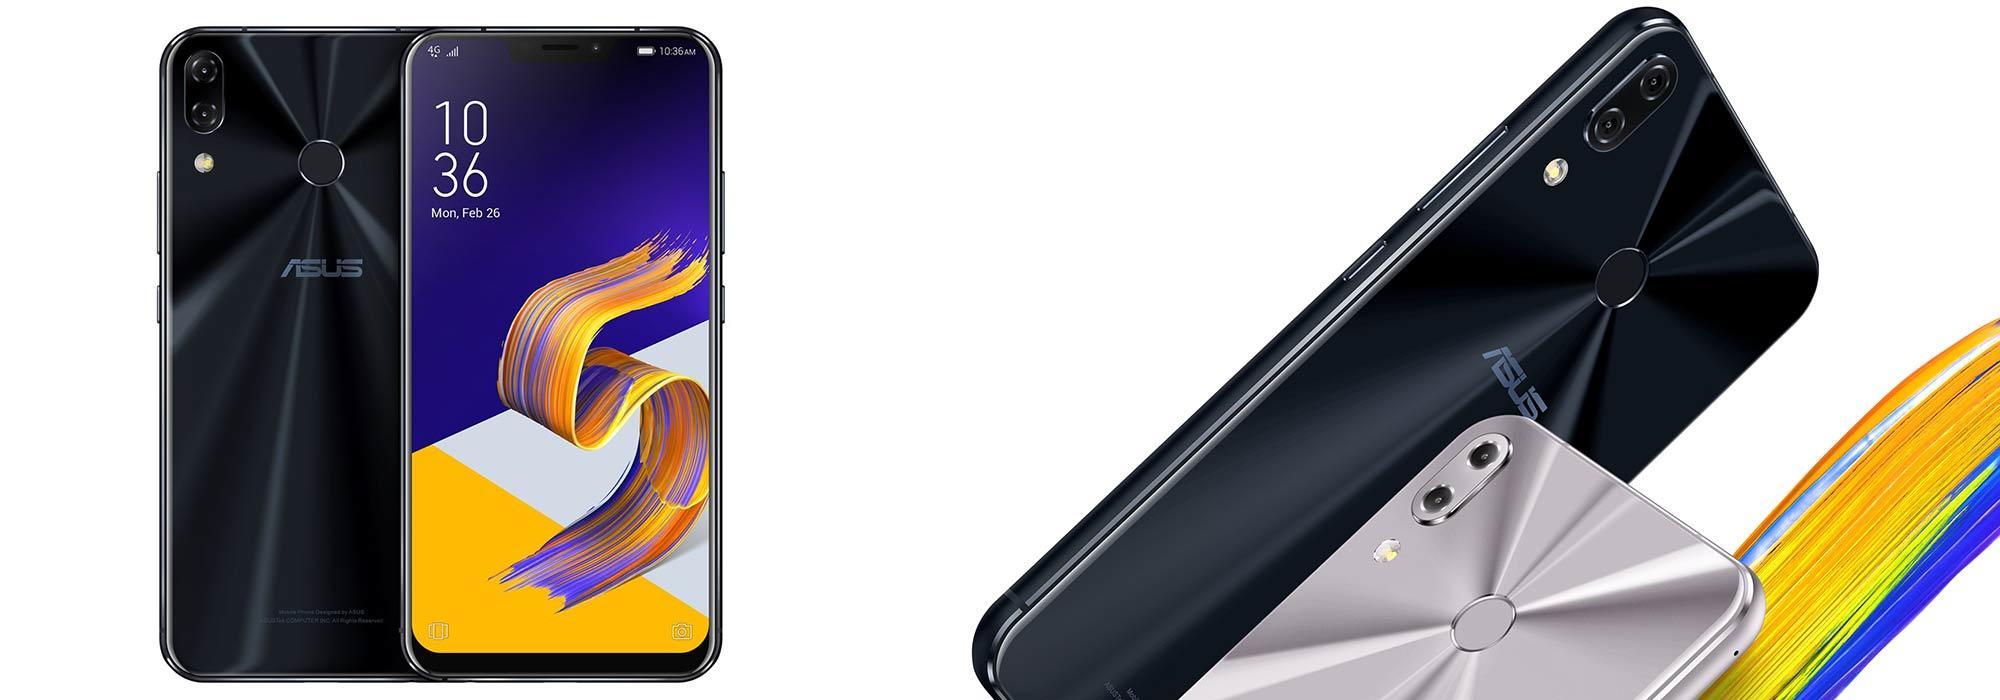 ASUS ZenFone 5: Günstiges Smartphone mit NFC im Test